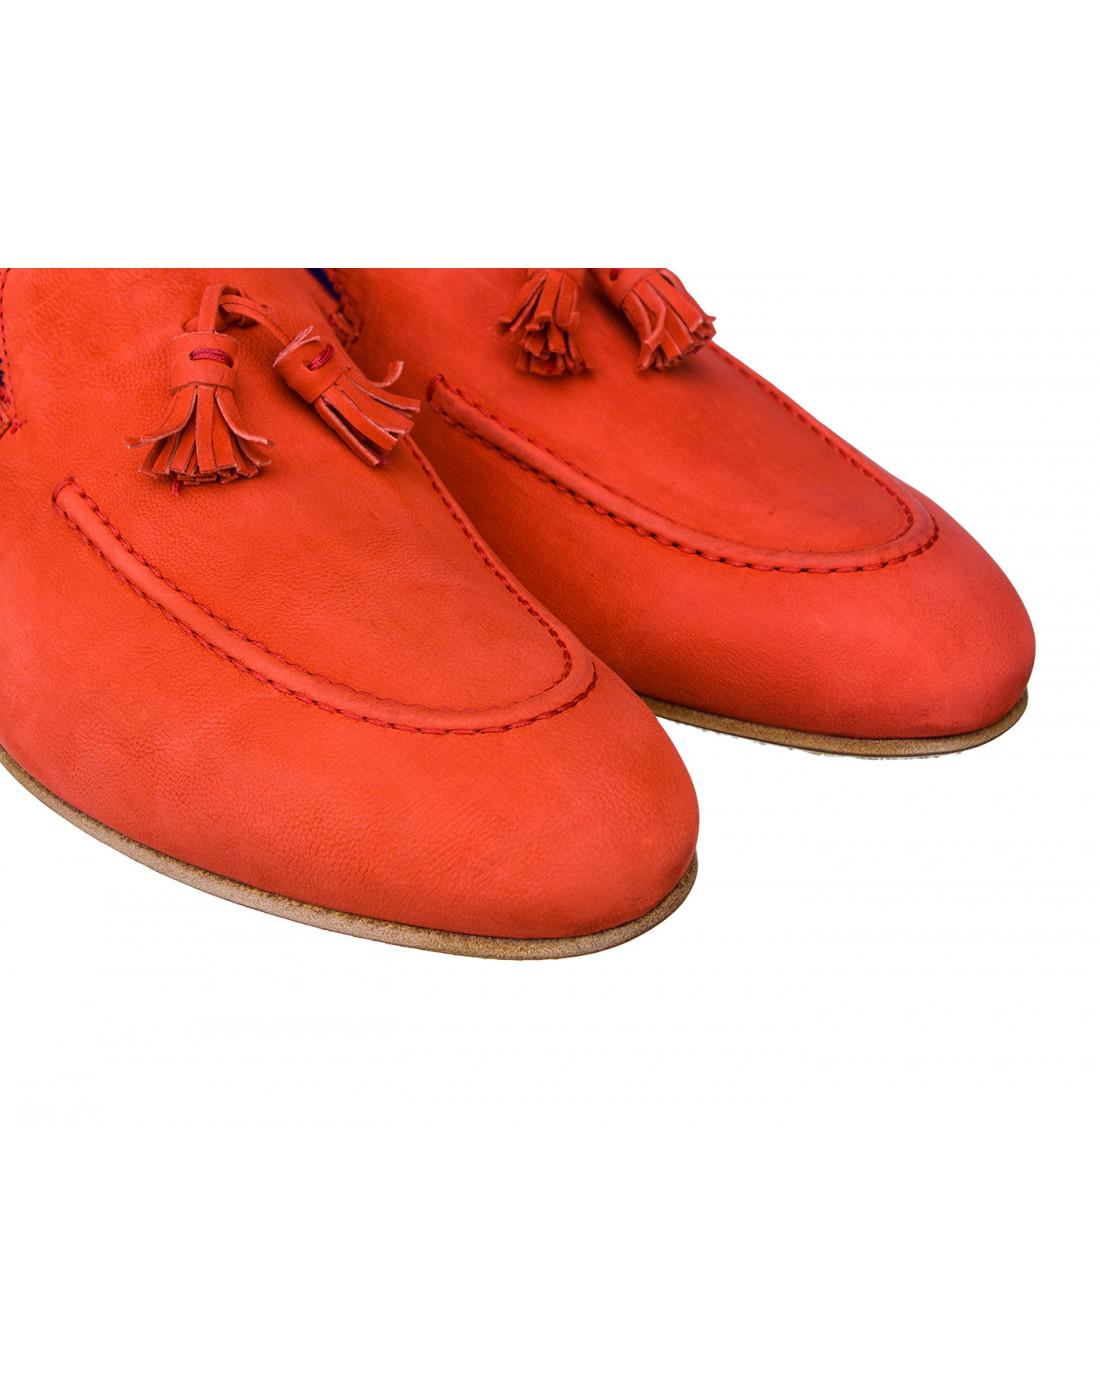 Лоферы красные мужские A.Guardiani S76028-4